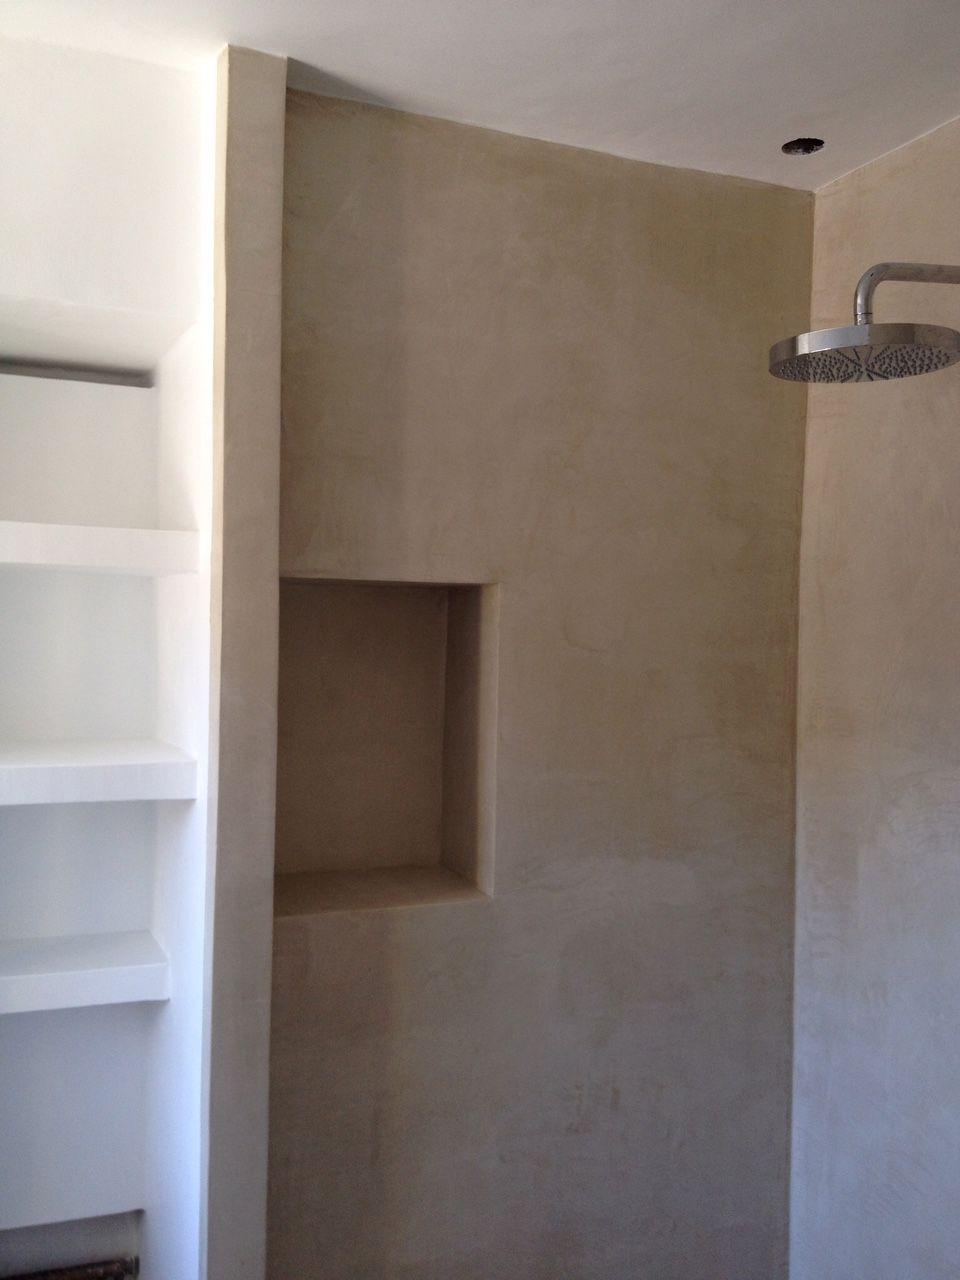 douche vielles demeures d 39 occitanie entreprise r novation situ e dans le gard. Black Bedroom Furniture Sets. Home Design Ideas